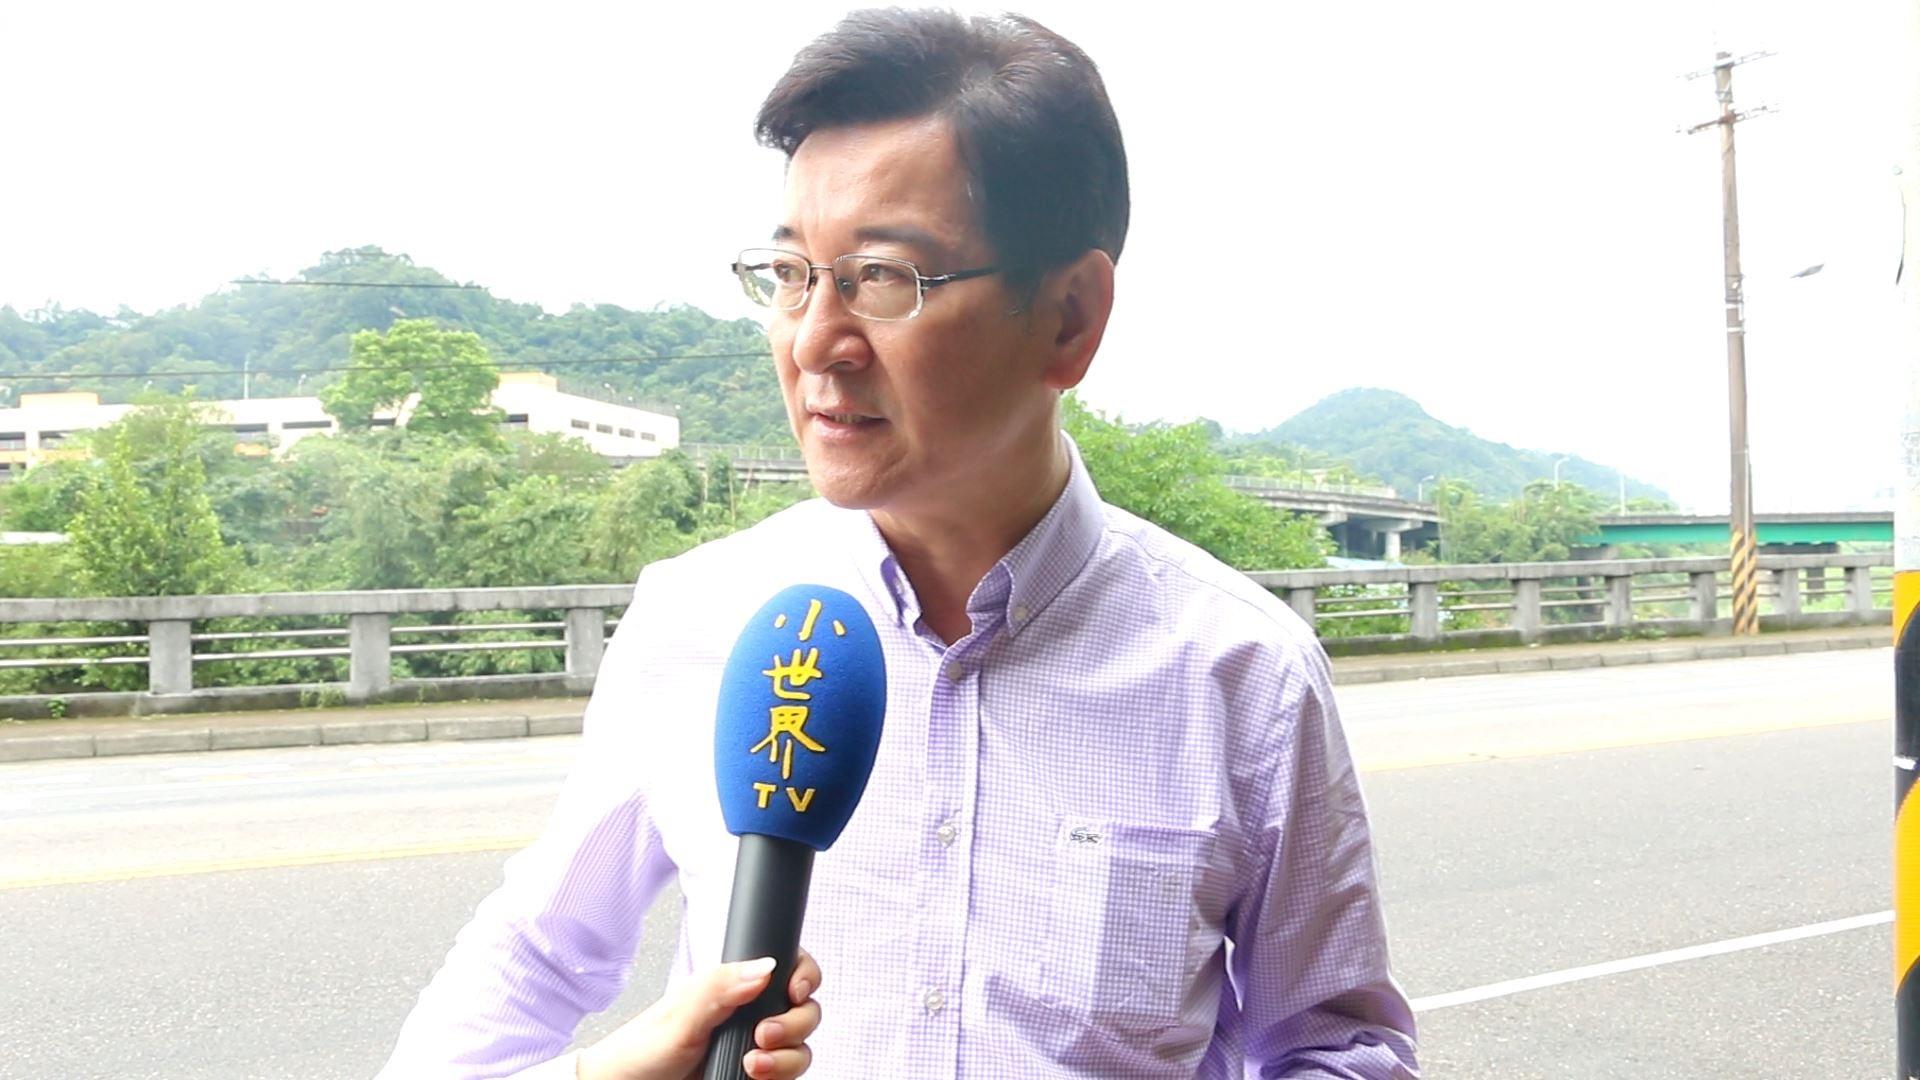 李慶元表示知道當大客車停放此地時會對等車民眾造成影響。攝影/劉蕙瑀